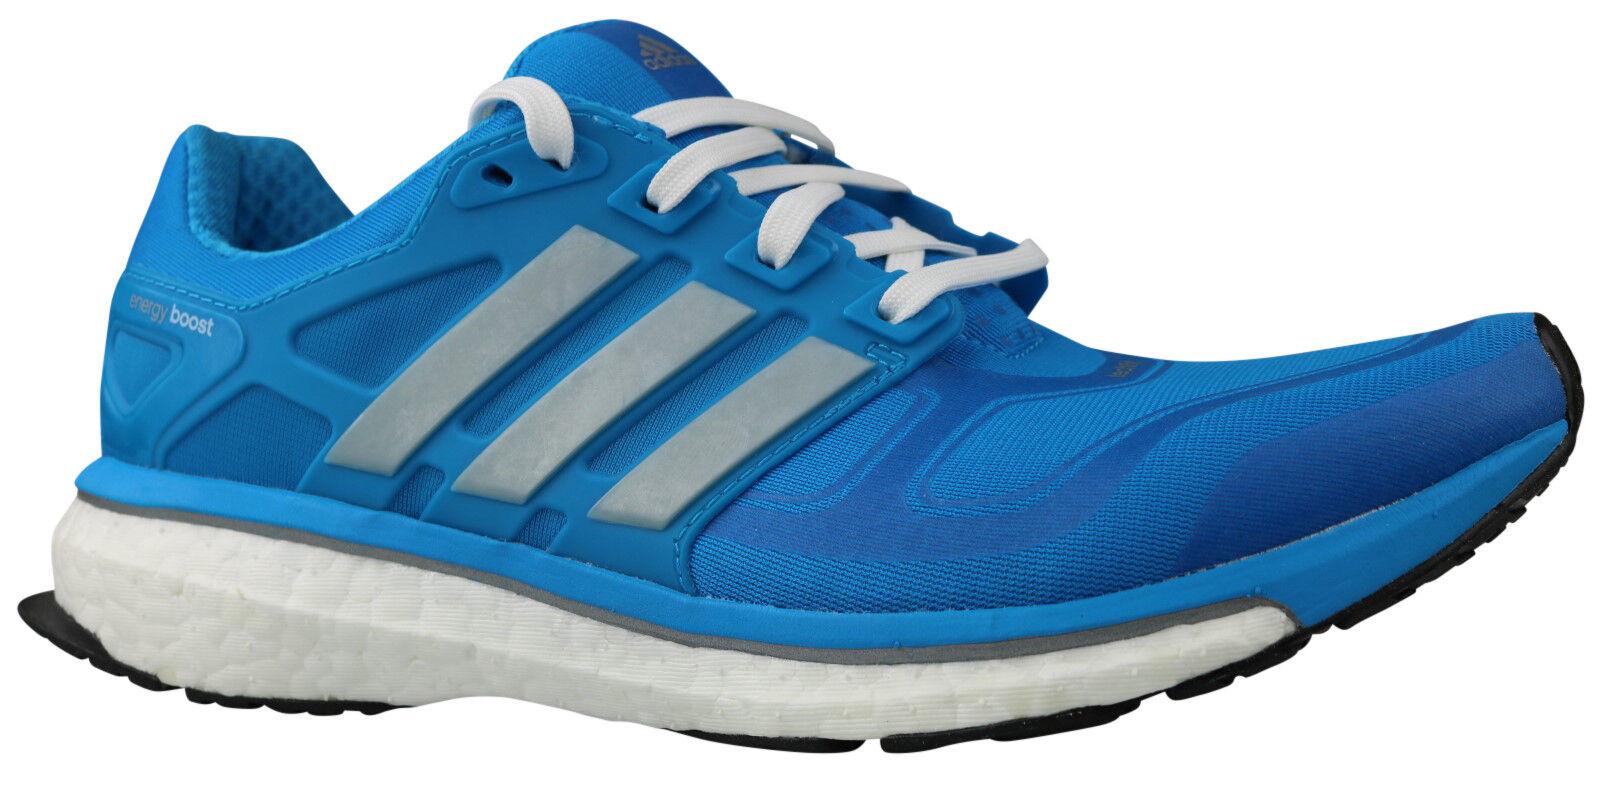 Adidas Energy Boost 2 W Laufen schuhe Turnschuhe daSie d66256 Größe 36,5 & 40,5 NEW OVP